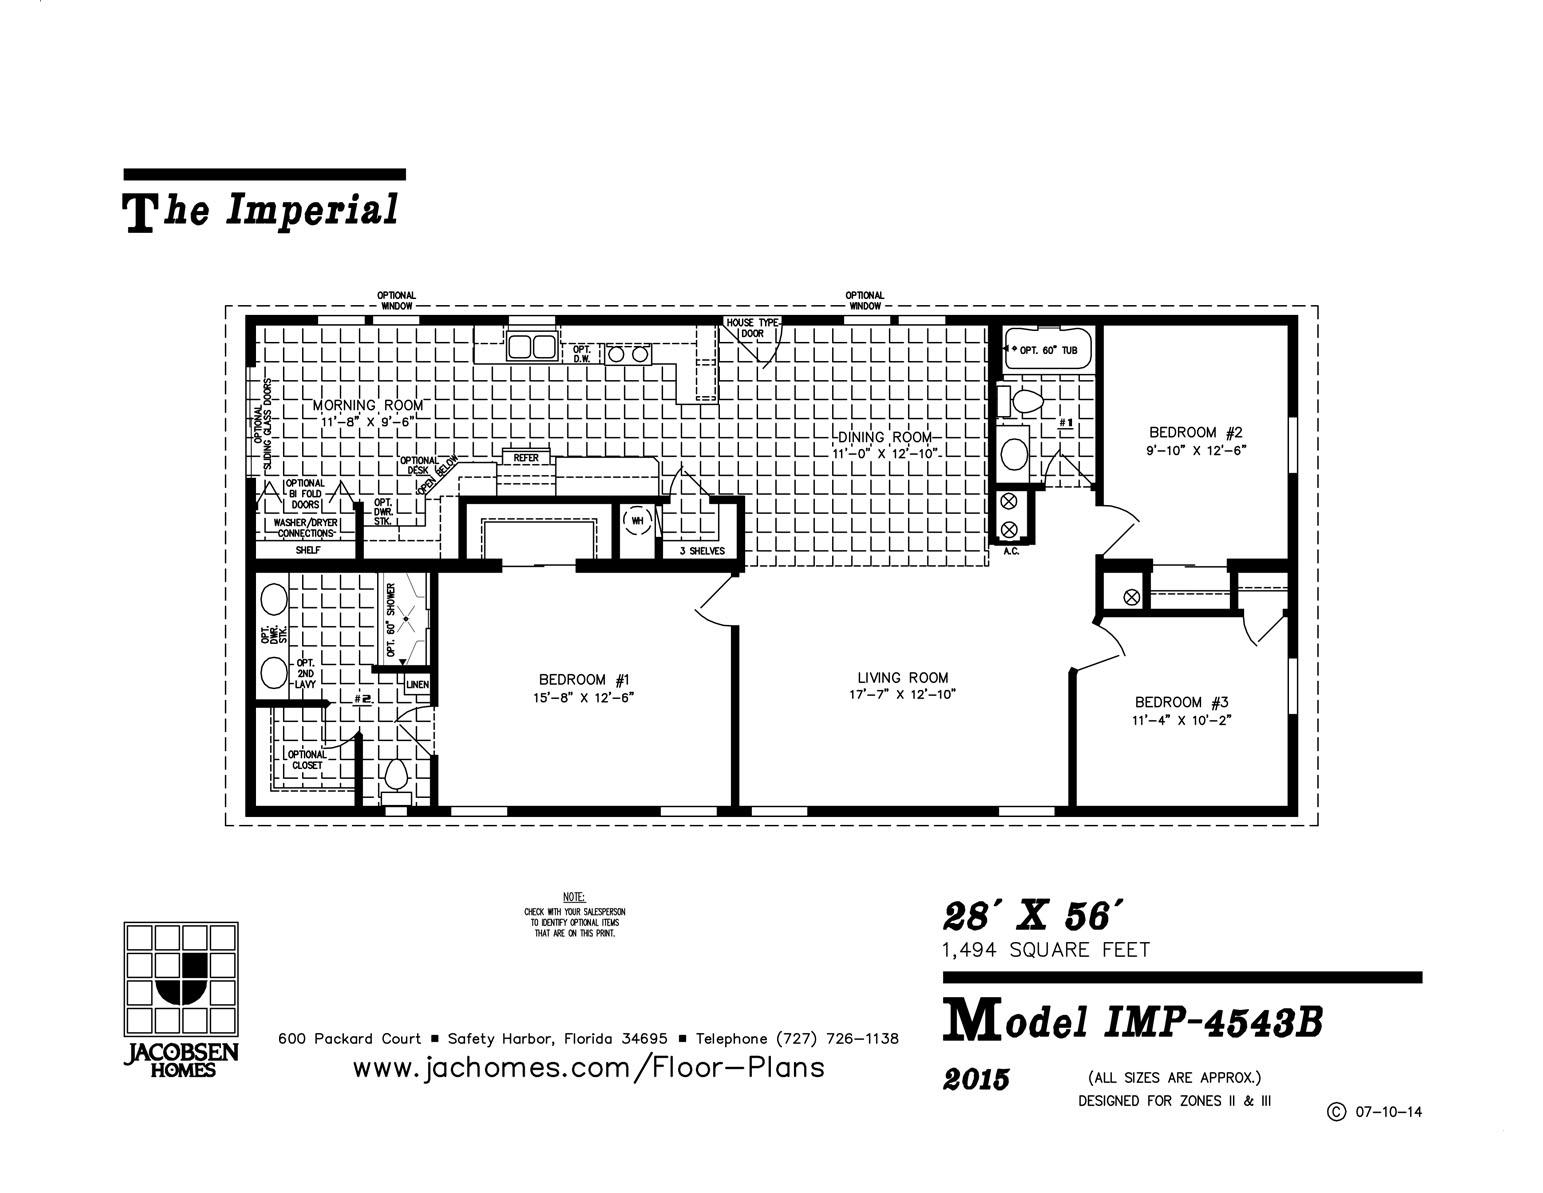 IMP-4543B Mobile Home Floor Plan - Ocala Custom Homes on 28 x 56 mobile home, 24 x 56 mobile home, 16 x 56 mobile home, 28x60 mobile home, 24 x 48 mobile home,